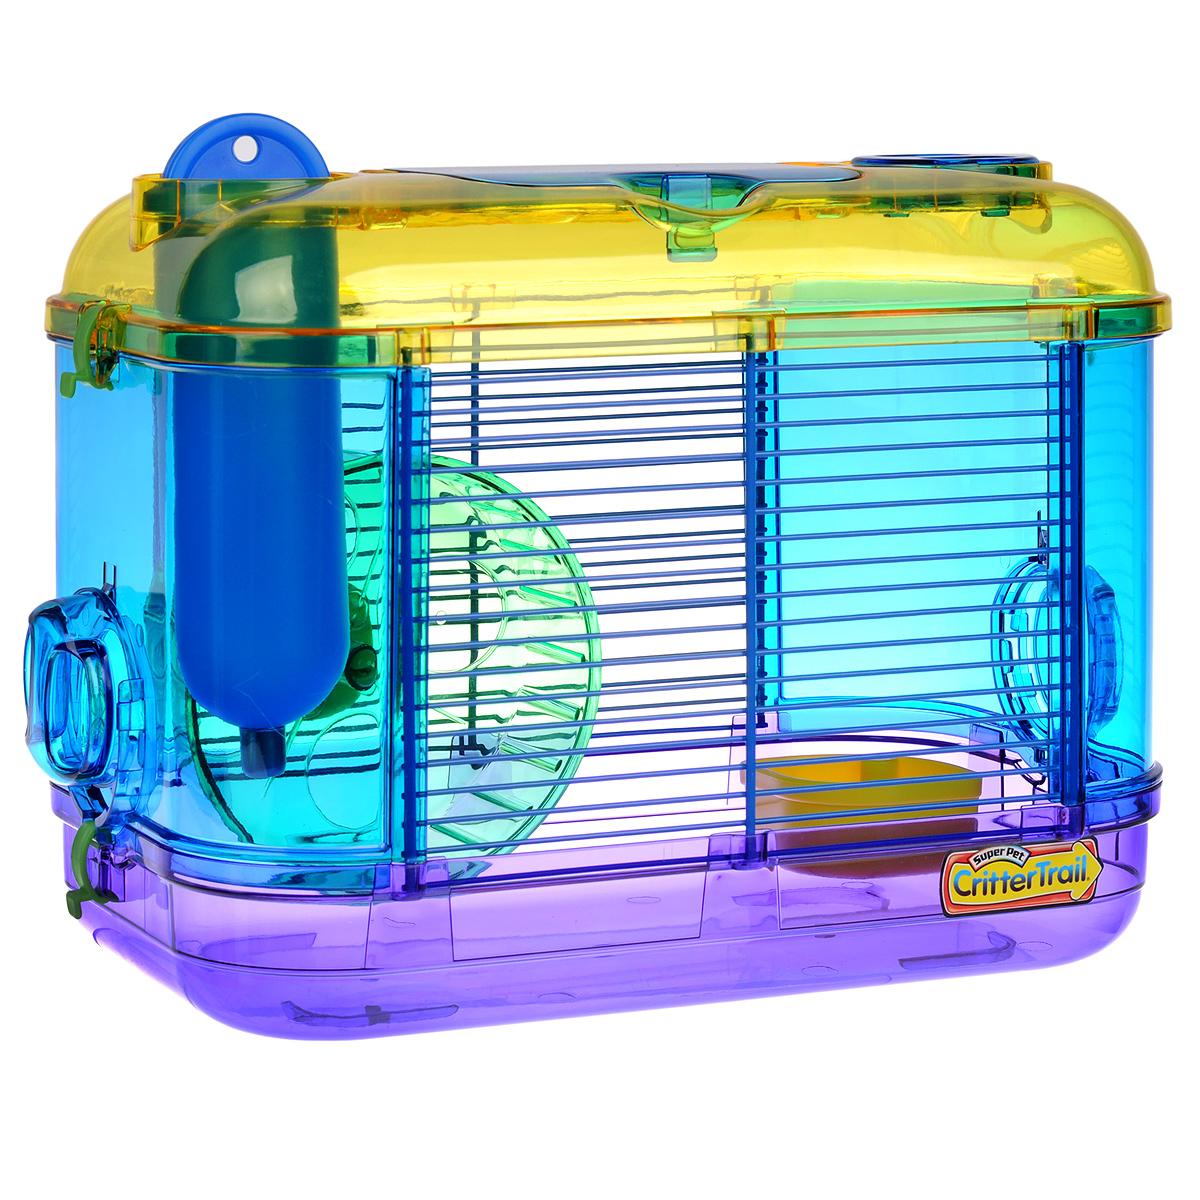 Клетка для грызунов I.P.T.S. Mini, с игровым комплексом, 32 см х 20 см х 24 см285002Небольшая клетка снабжена всем необходимым для отдыха и активной жизни грызунов. Подходит для мышей, песчанок, хомяков. Клетка оборудована мини игровым комплексом, колесом для подвижных игр, кормушкой и поилкой. Клетка выполнена из прозрачного пластика. Надежно закрывается на защелки. Такая клетка станет уединенным личным пространством и уютным домиком для маленького грызуна.